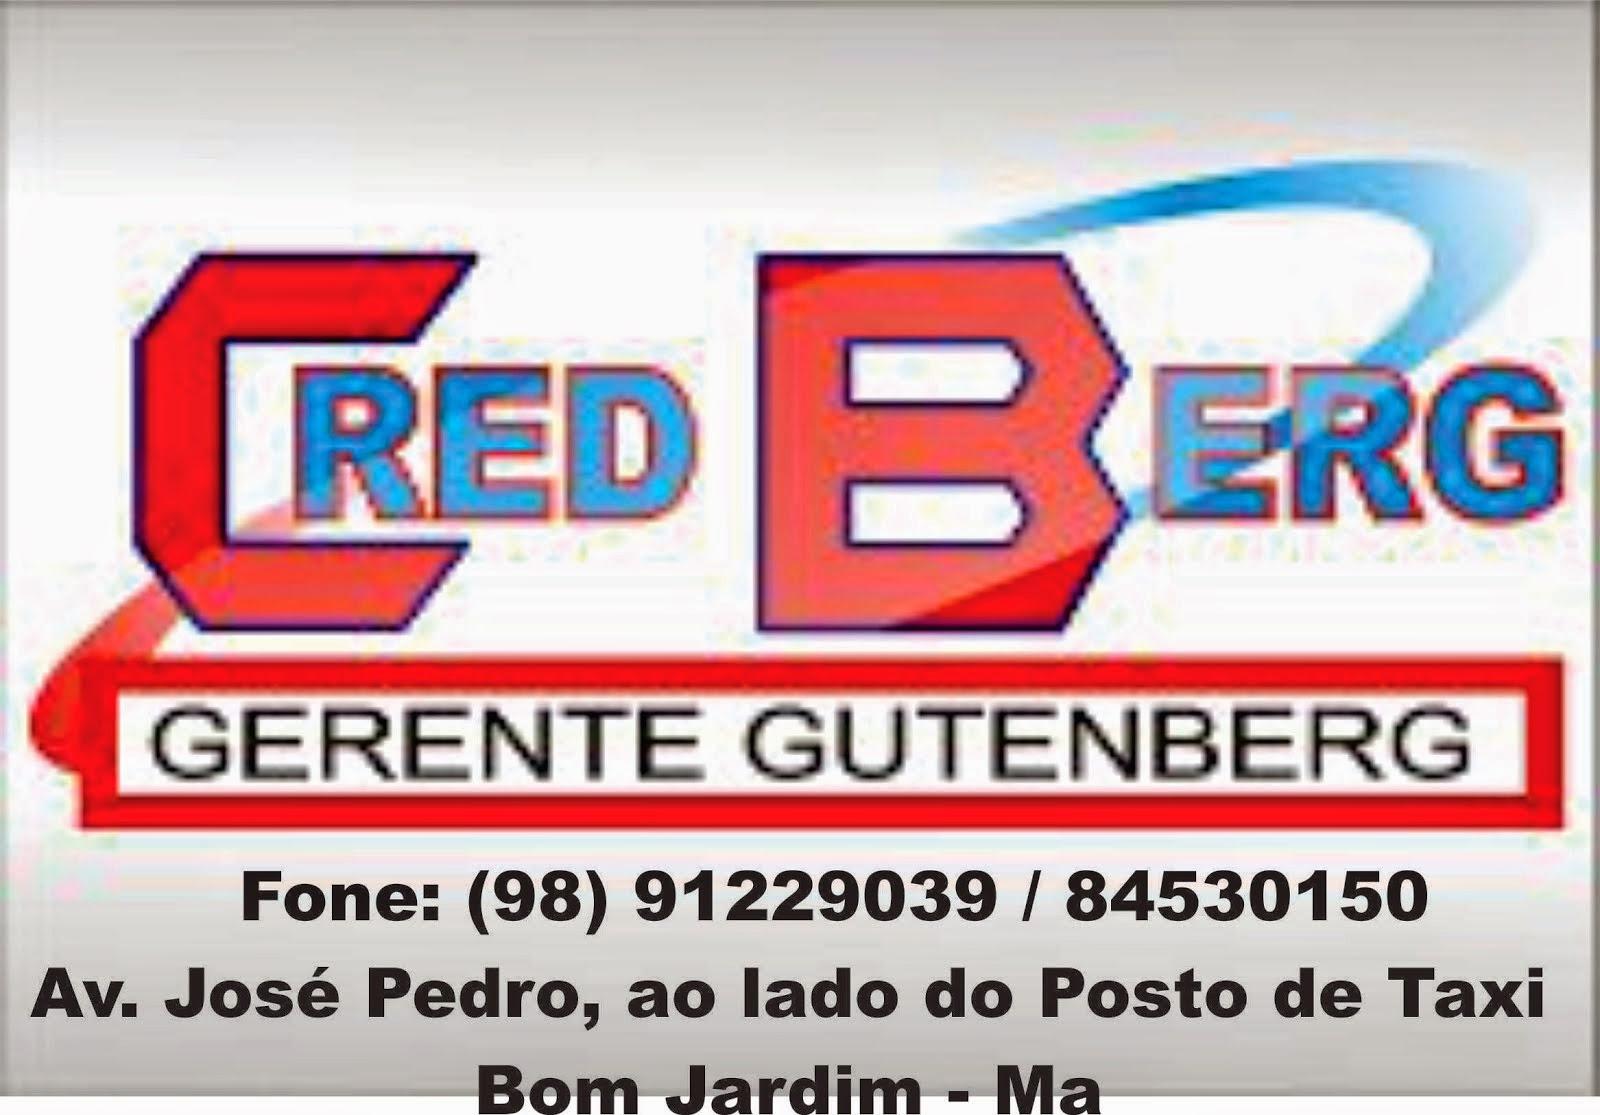 CRED BERG s Solução em empréstimos.